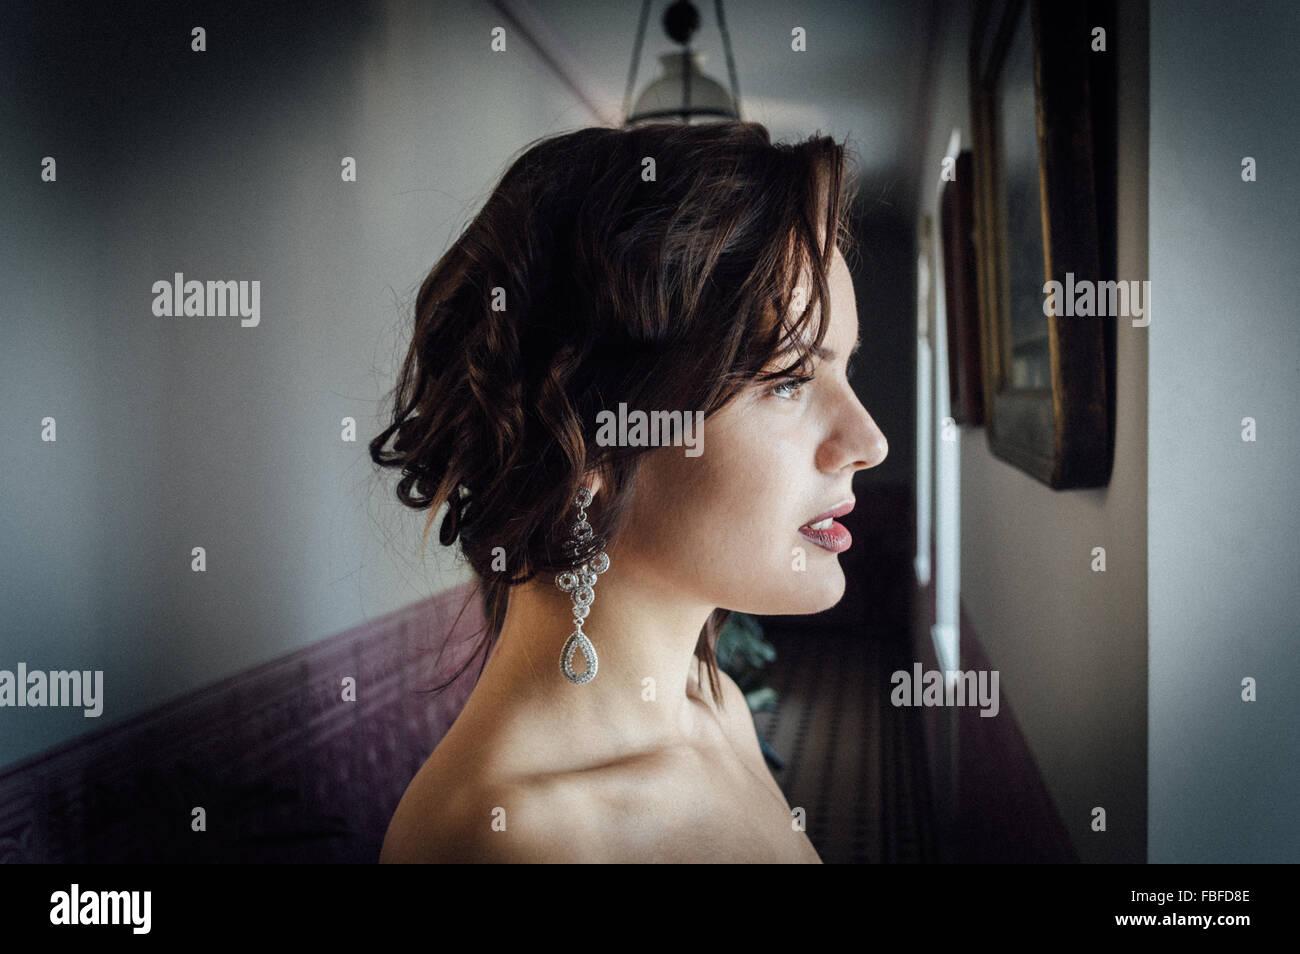 Profile View Of Thoughtful Beautiful Woman In Corridor - Stock Image